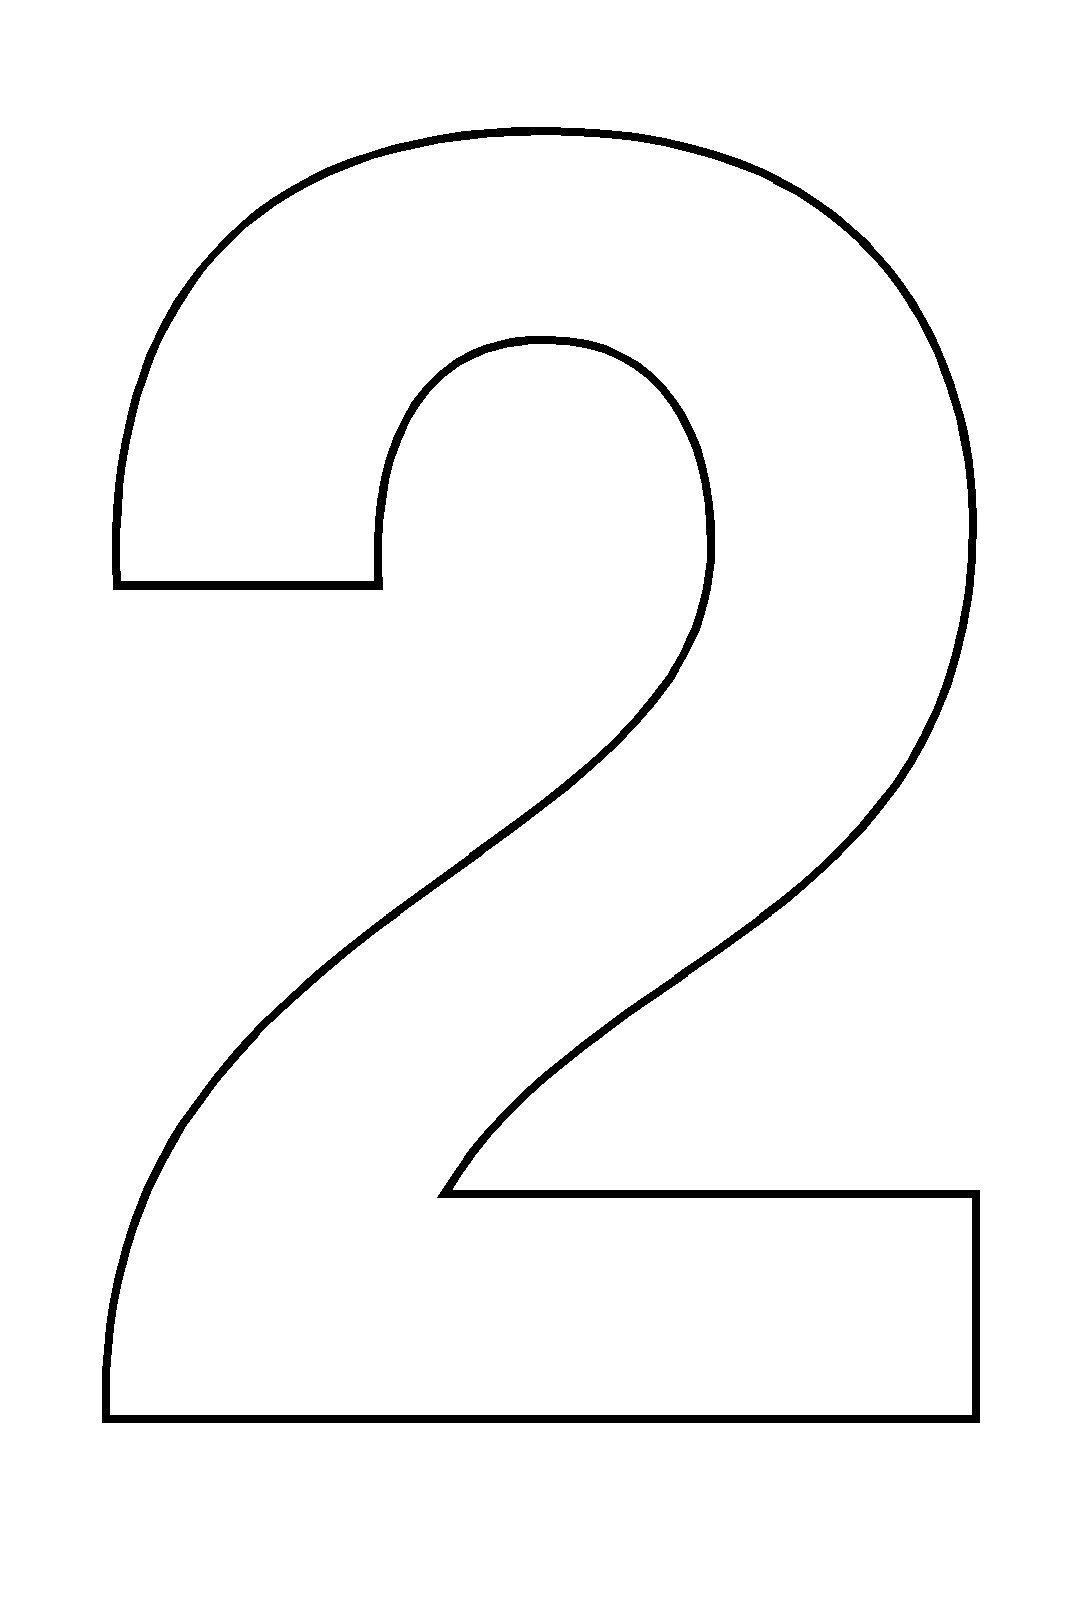 Coloriage  imprimer Chiffres et formes Chiffre deux numéro